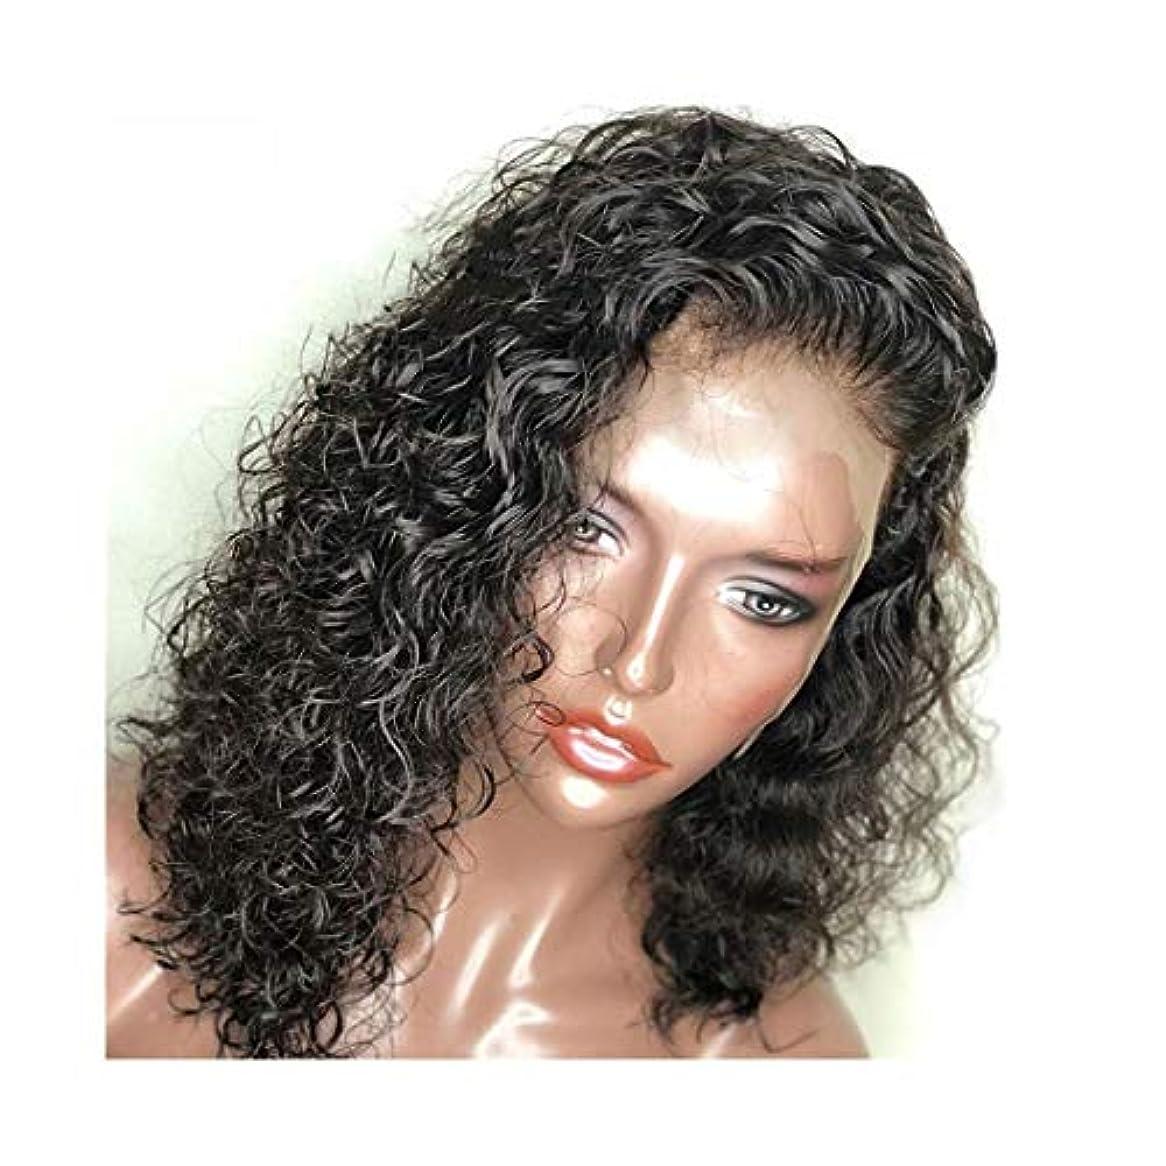 化学者リードモットーYOUQIU 1パック黒ショートヘアウィッグ、レディースセクシーカーリーヘアフロントレースケミカルショートカーリーヘアウィッグウィッグ (色 : 写真の通り)